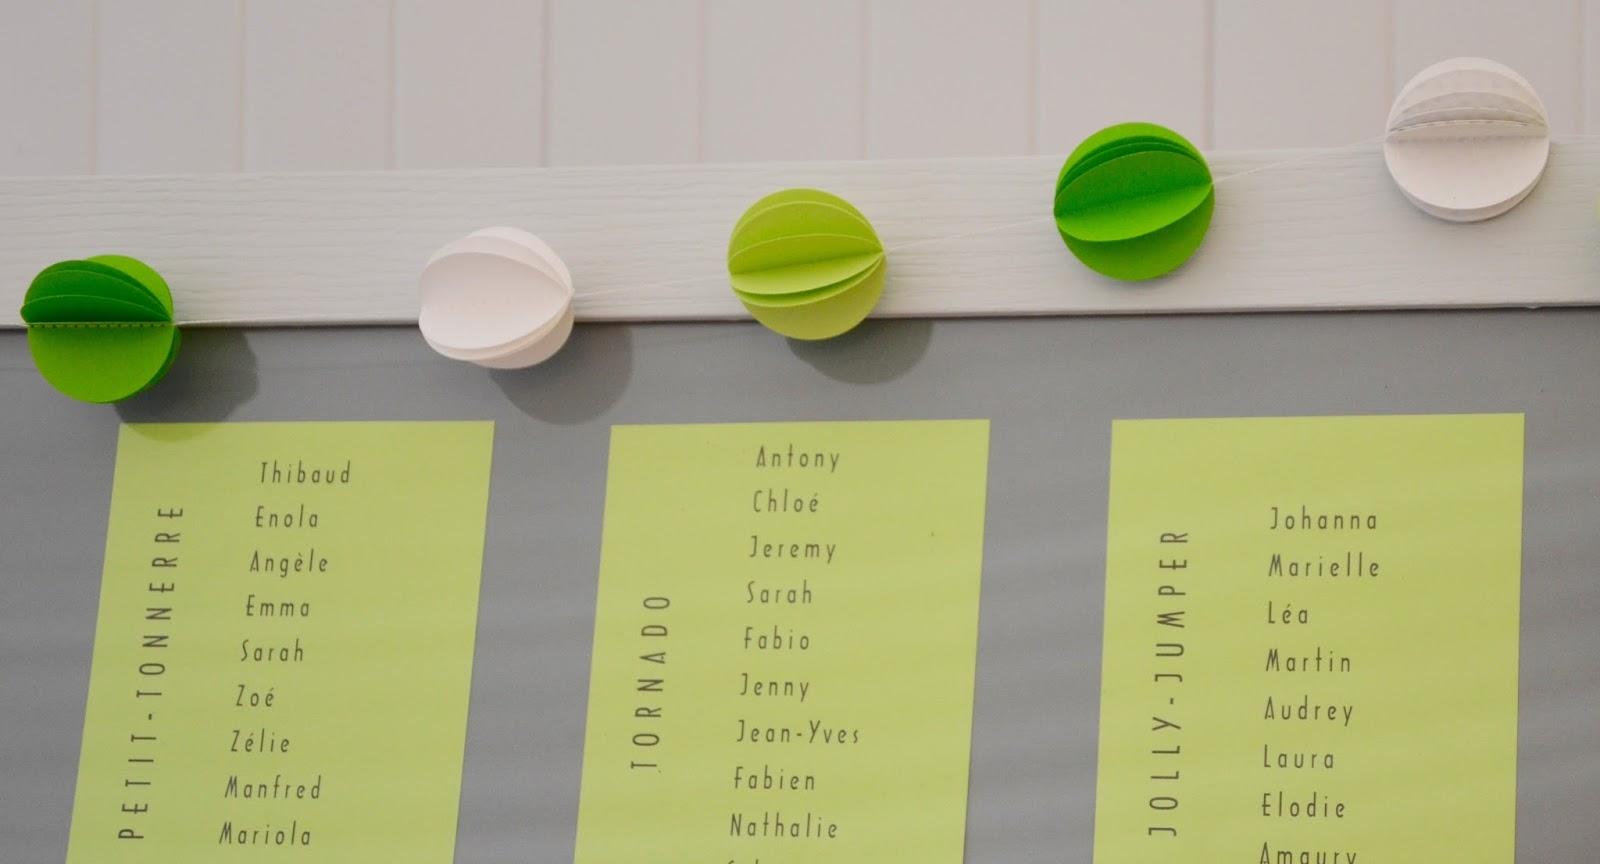 La petite verri re le tableau plan de table mariage 1 - Tableau plan de table mariage ...